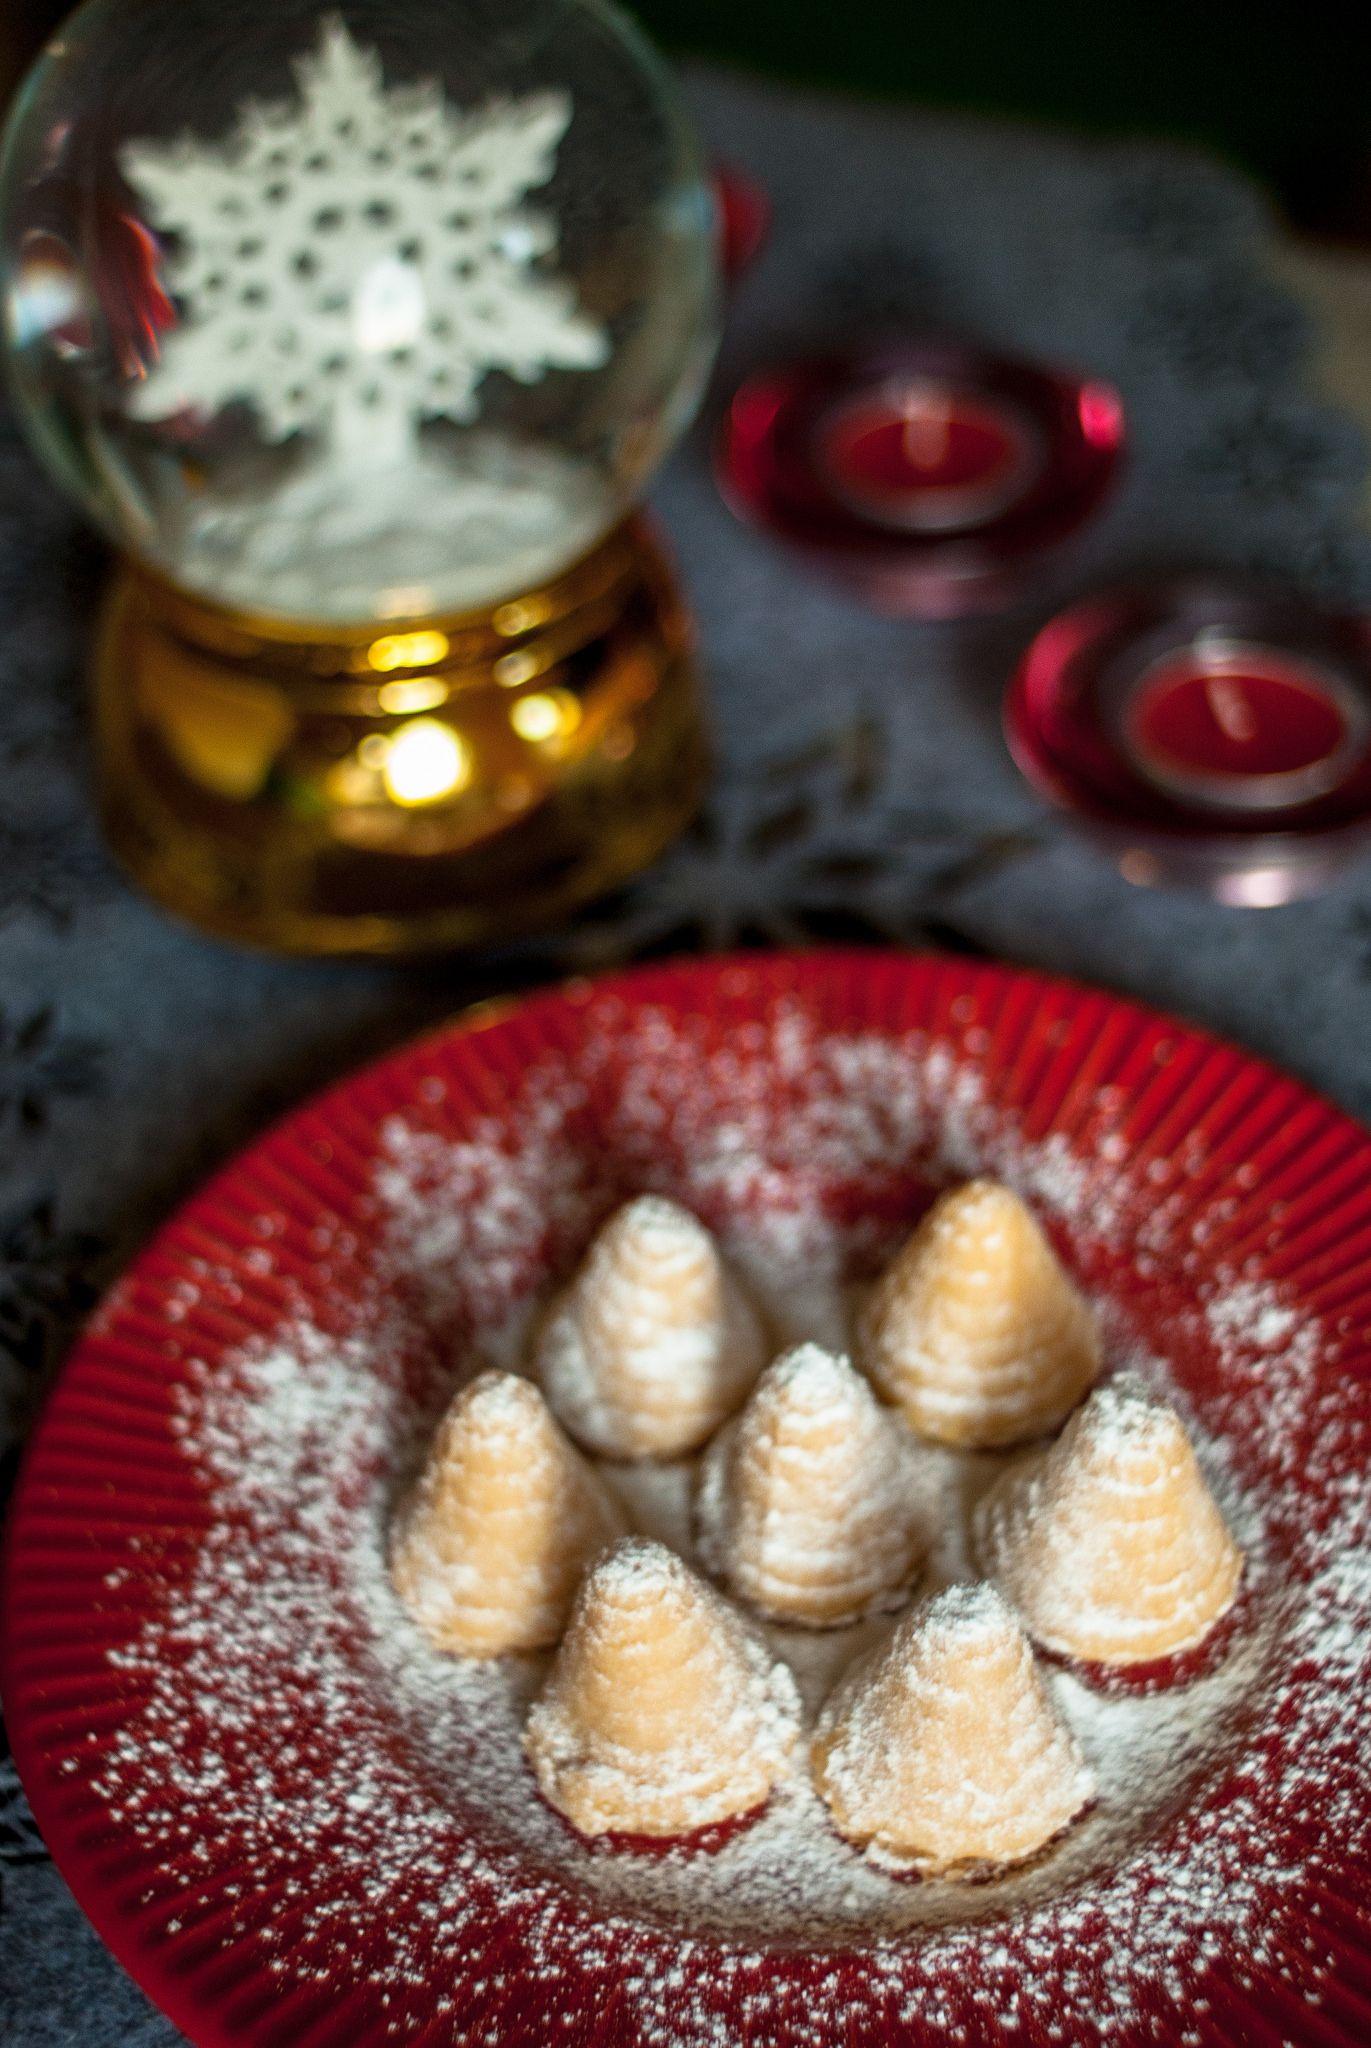 Ule Biszkoptowe Tradycyjne Ciasteczka Na Swieta Czlowiek Z Lyzka Food And Drink Health Cooking Food